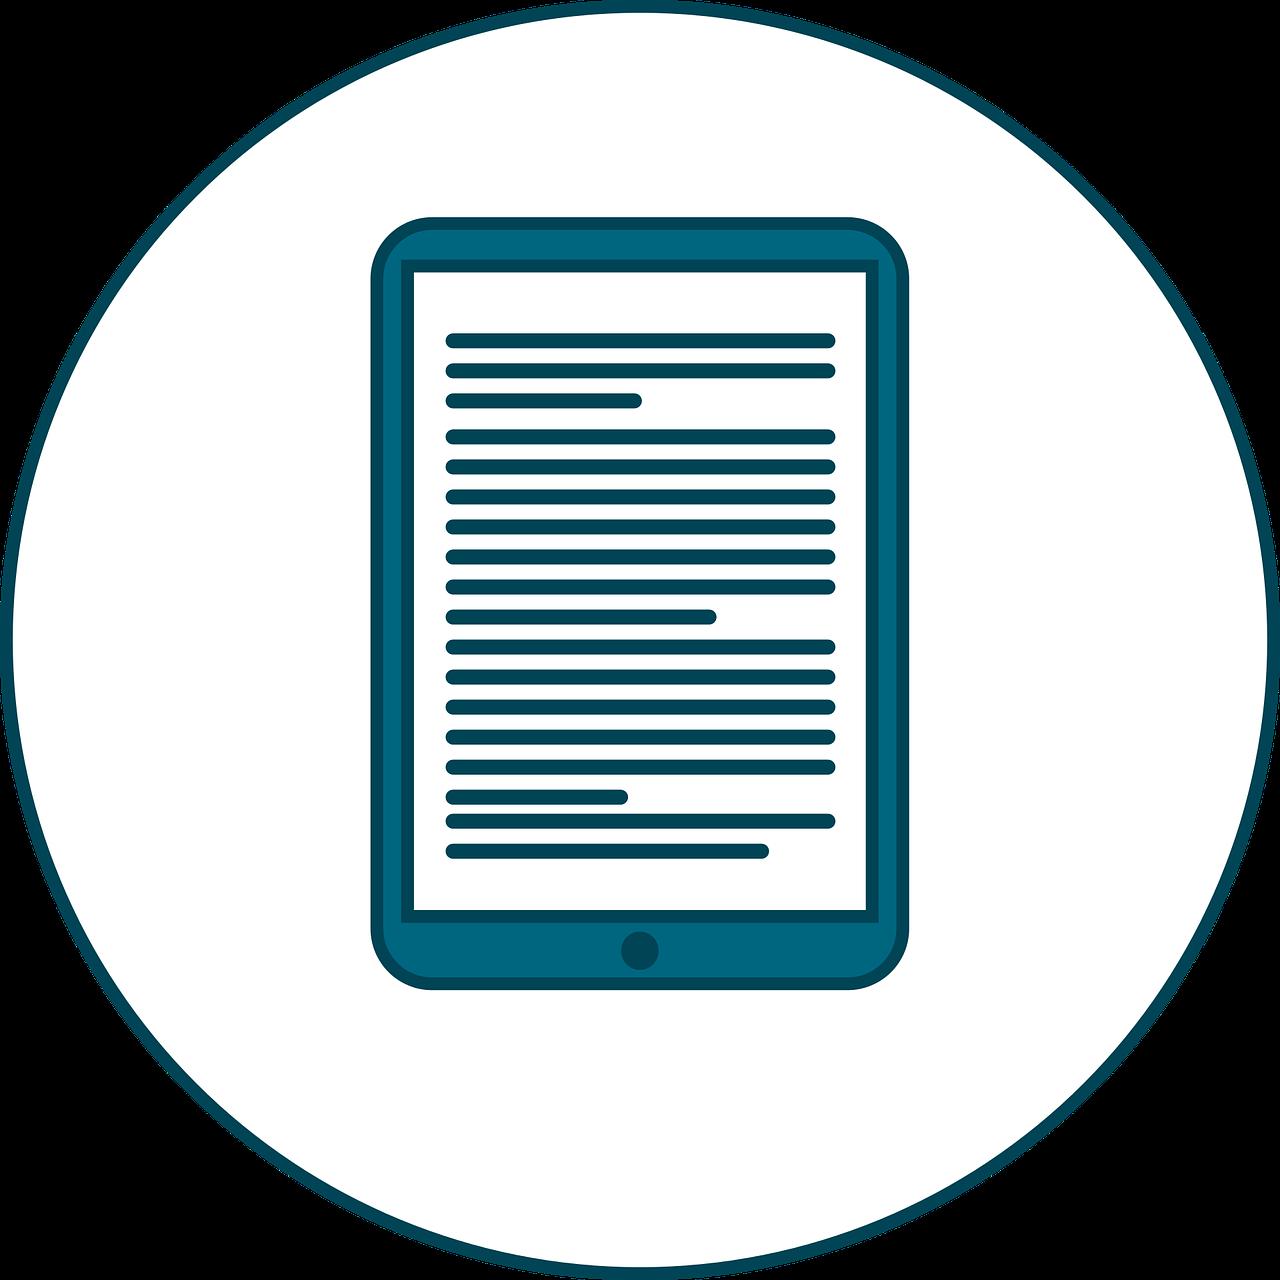 ebooks recomendados libro en circulo